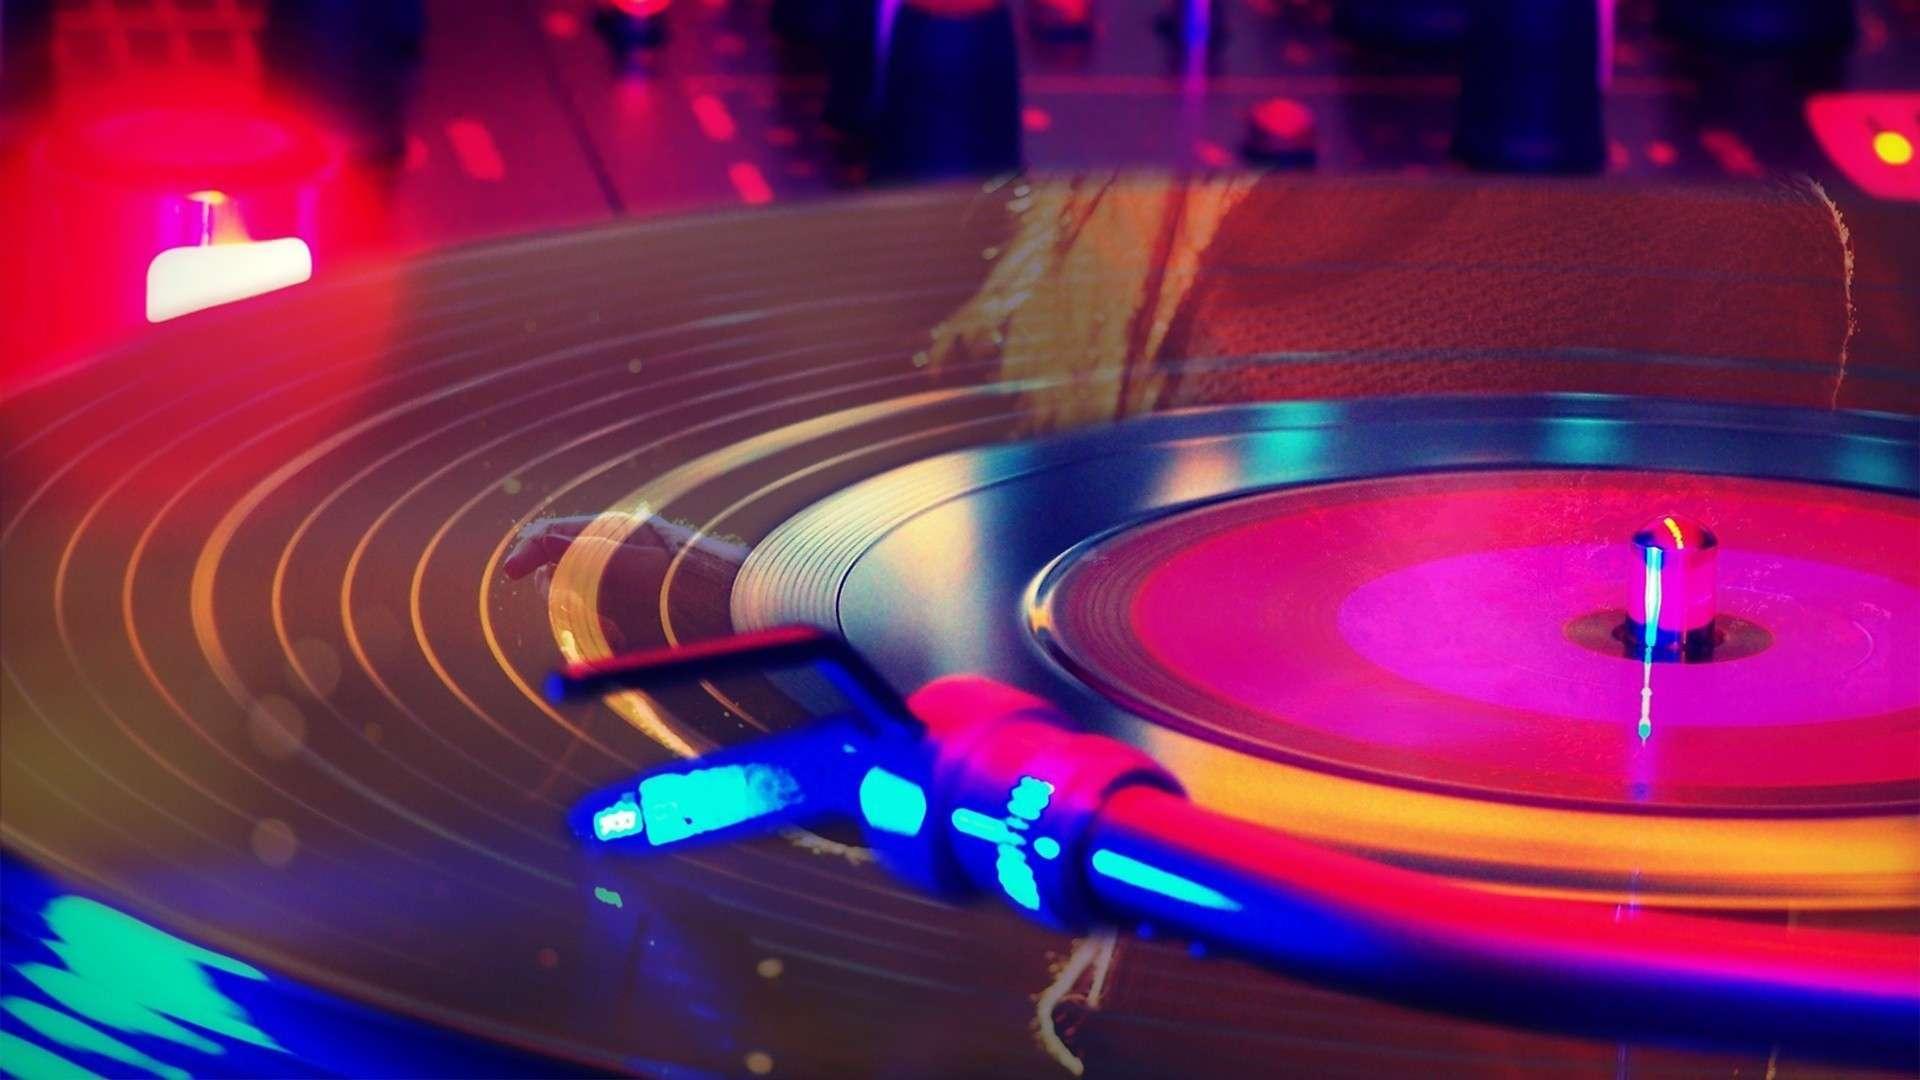 Record Player Wallpaper Hd Wallpapersafari